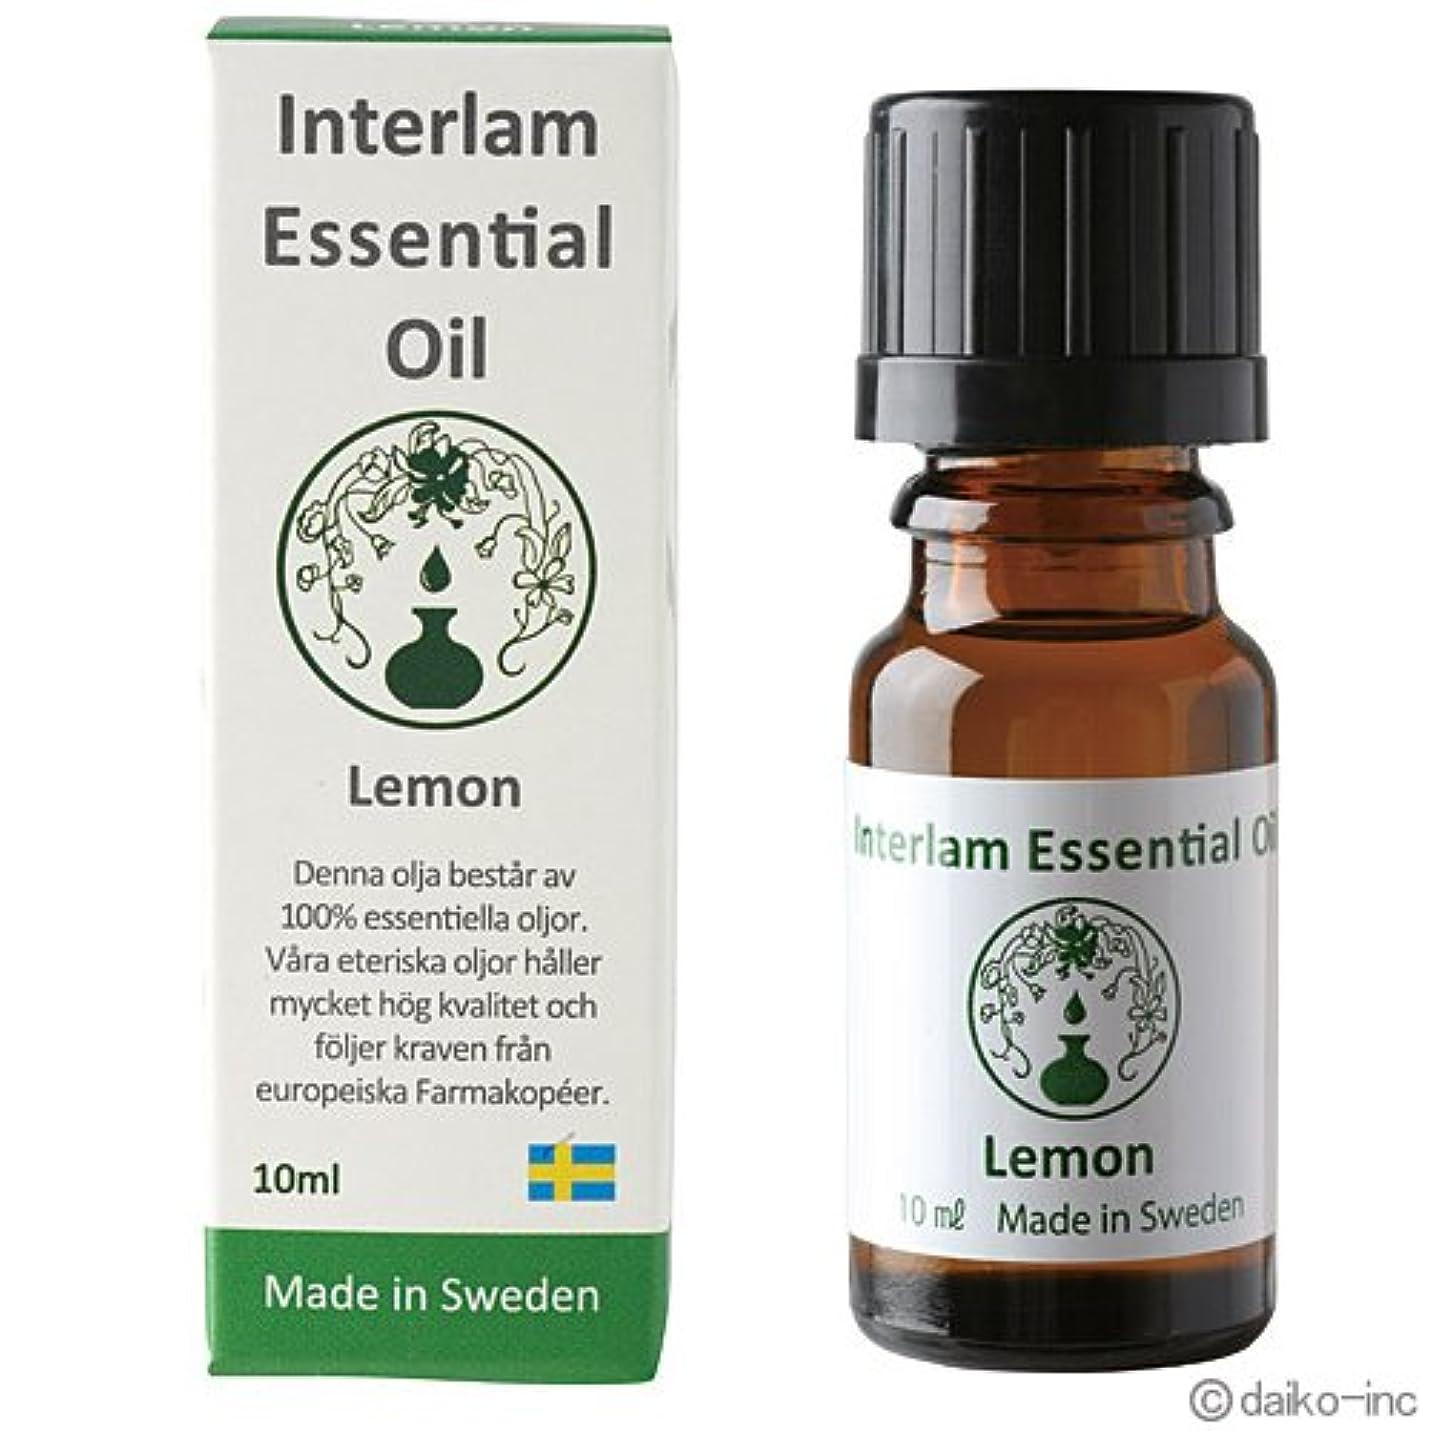 幸運なことに狼ページェントInterlam Essential Oil レモン 10ml